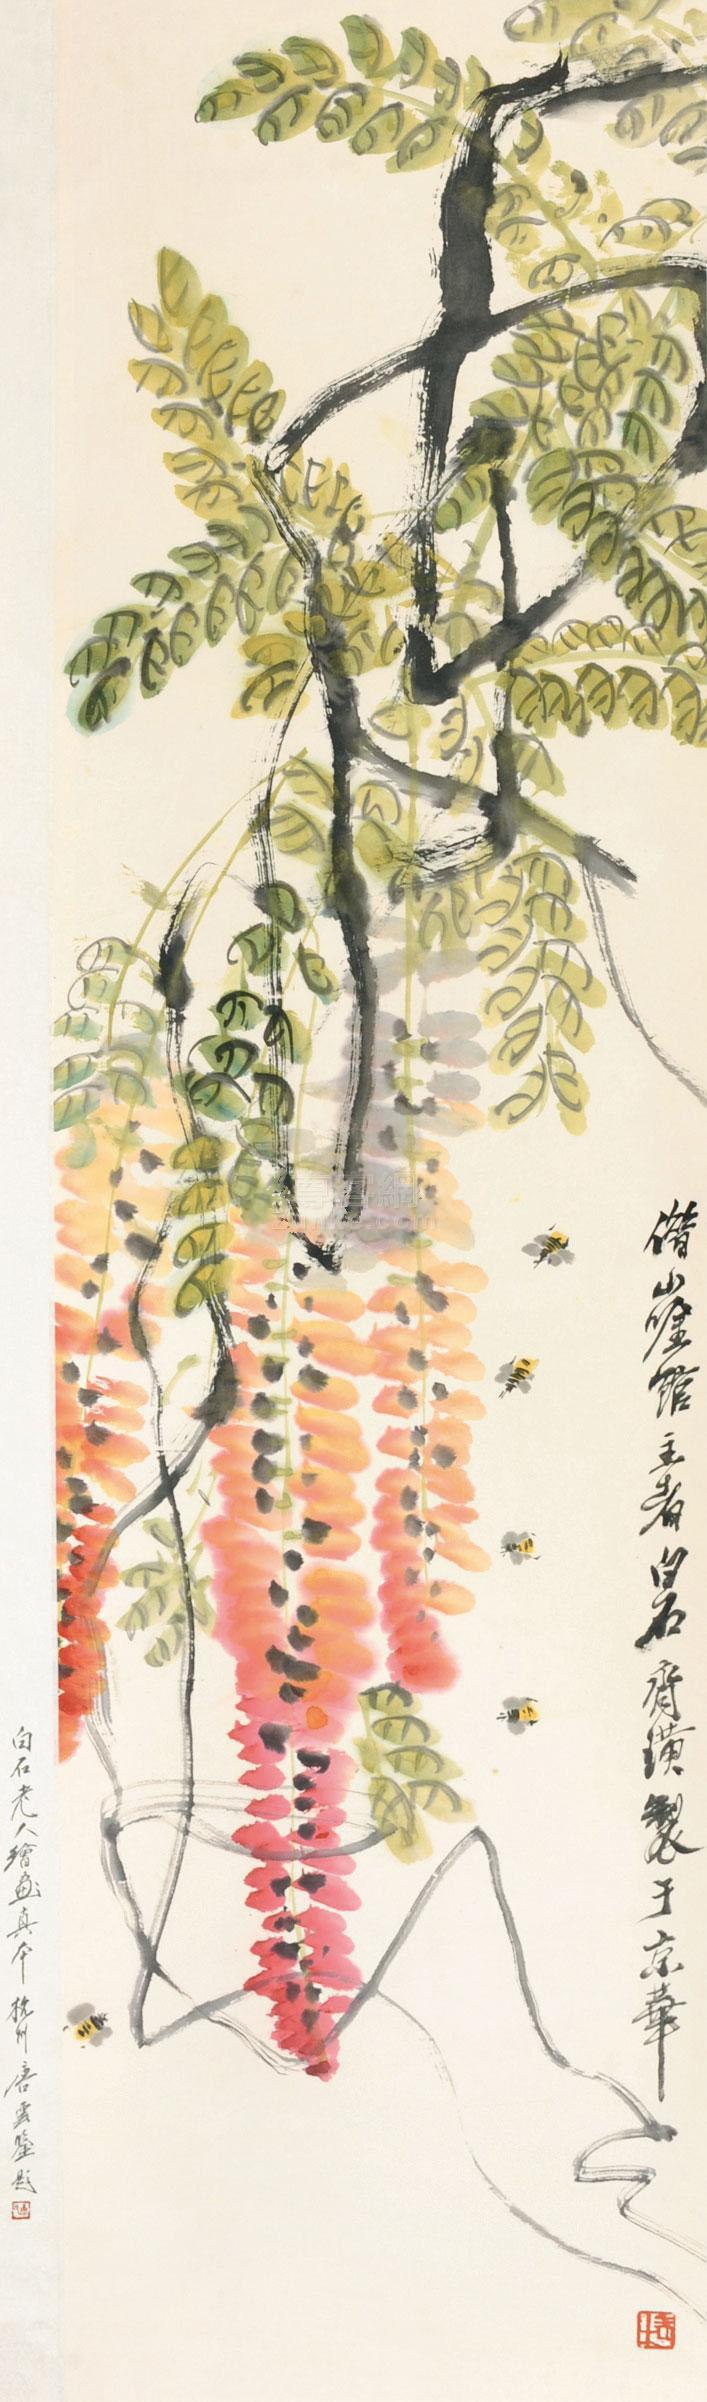 齐白石 紫藤蜜蜂 立轴 纸本作品欣赏